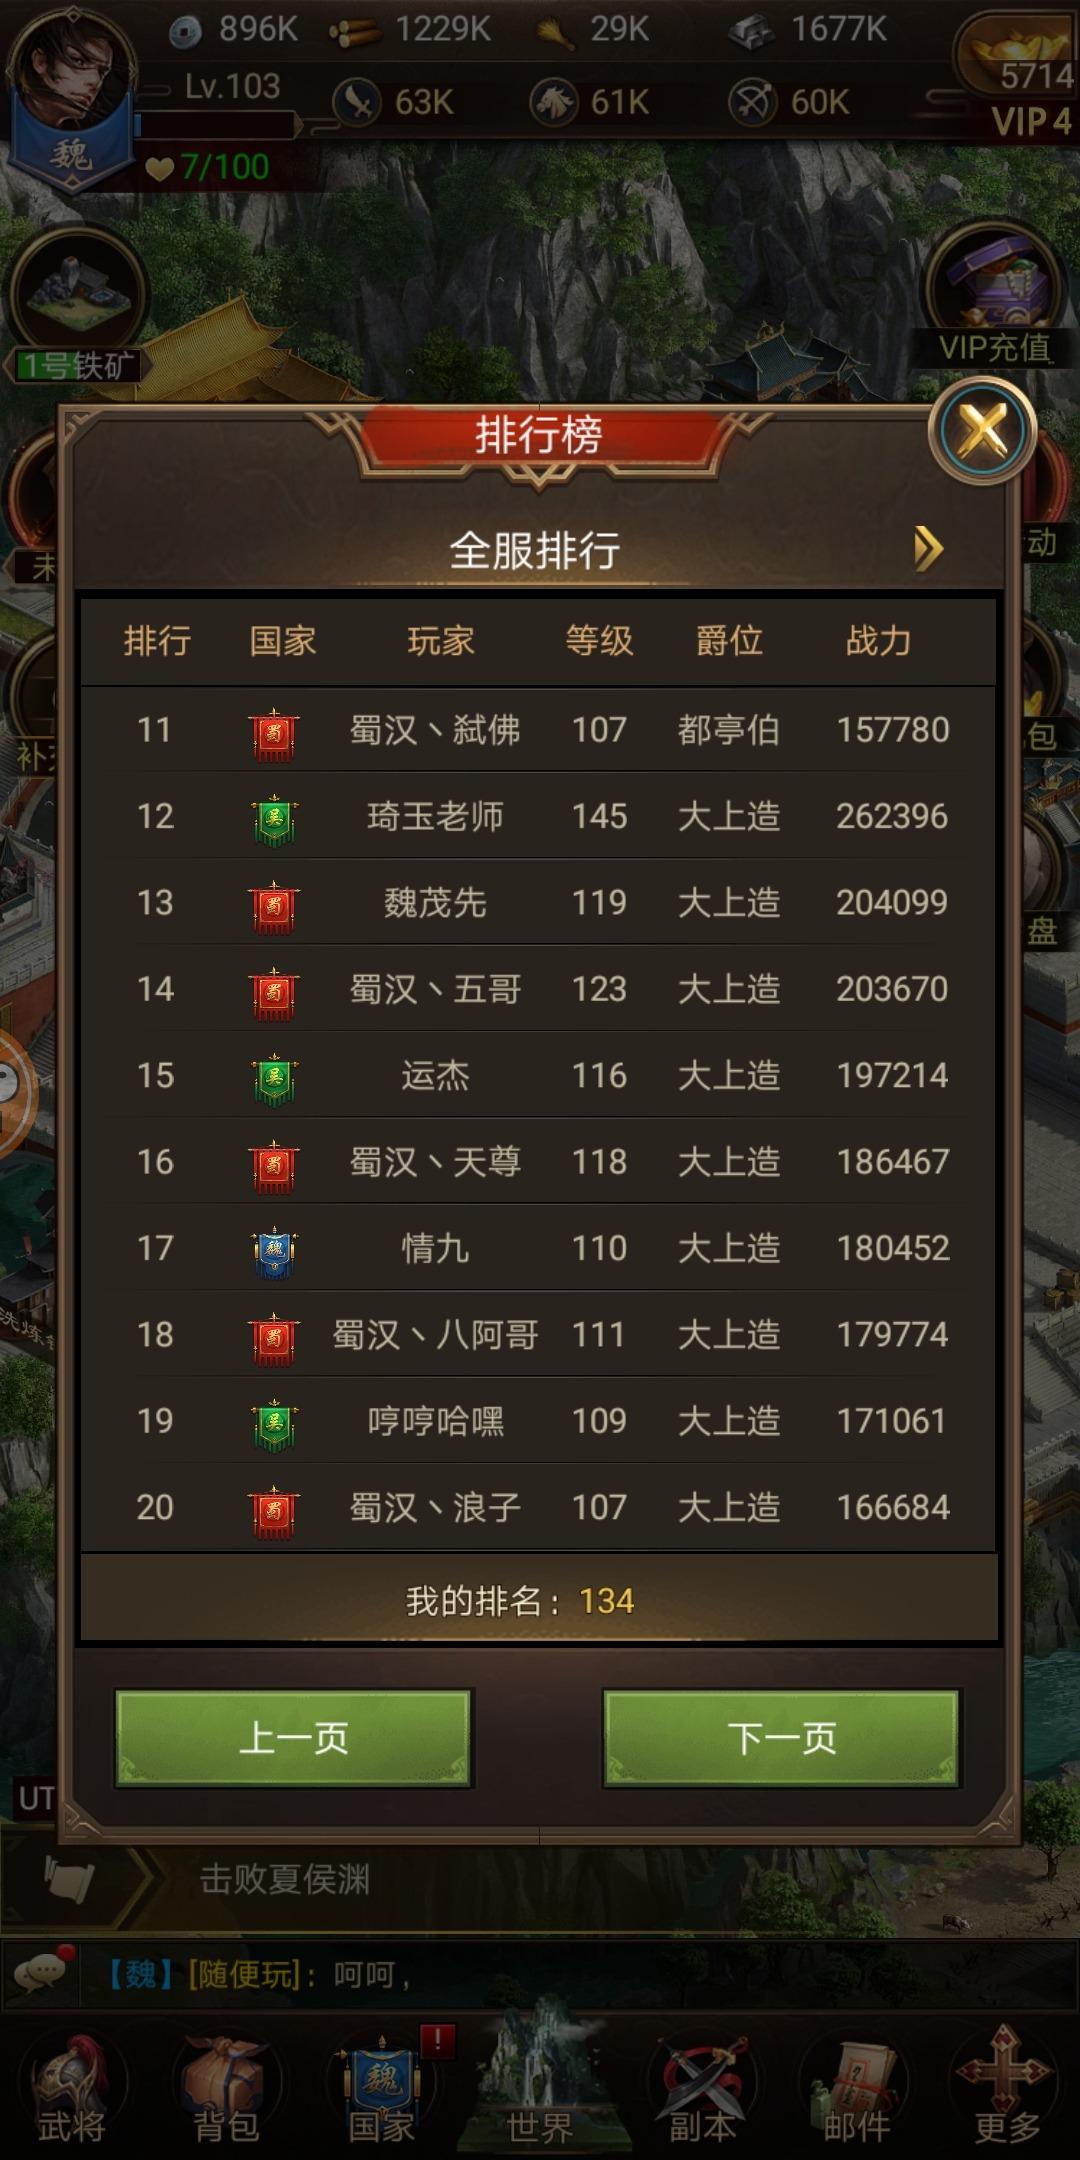 Screenshot_20190414-235938.jpg